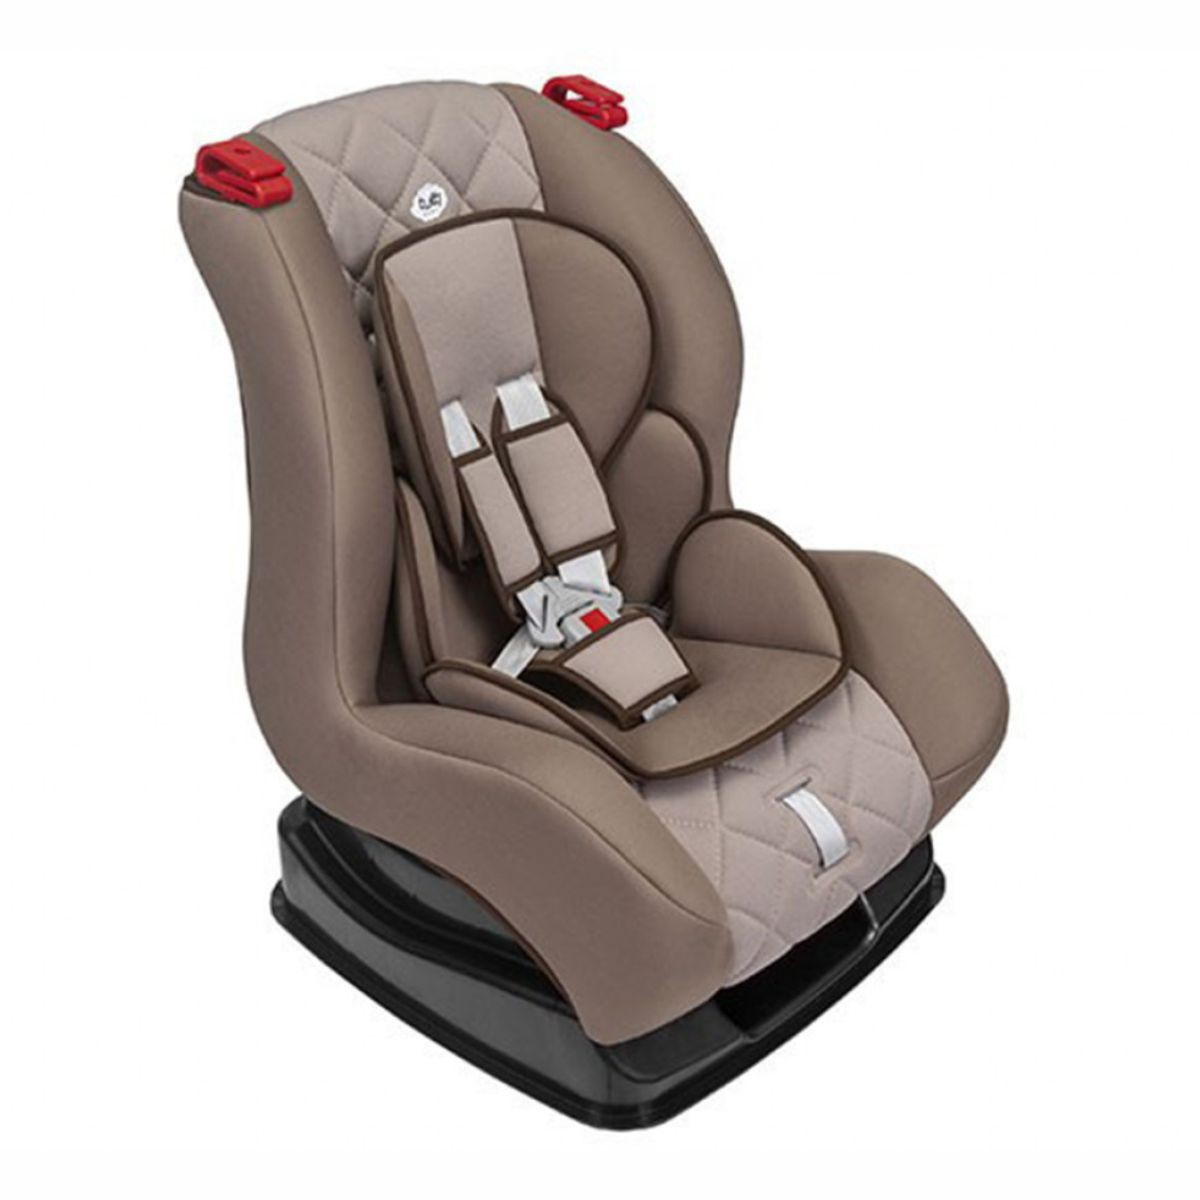 CADEIRA PARA AUTO 9 A 25 KG NOVA ATLANTIS MARROM TUTTI BABY